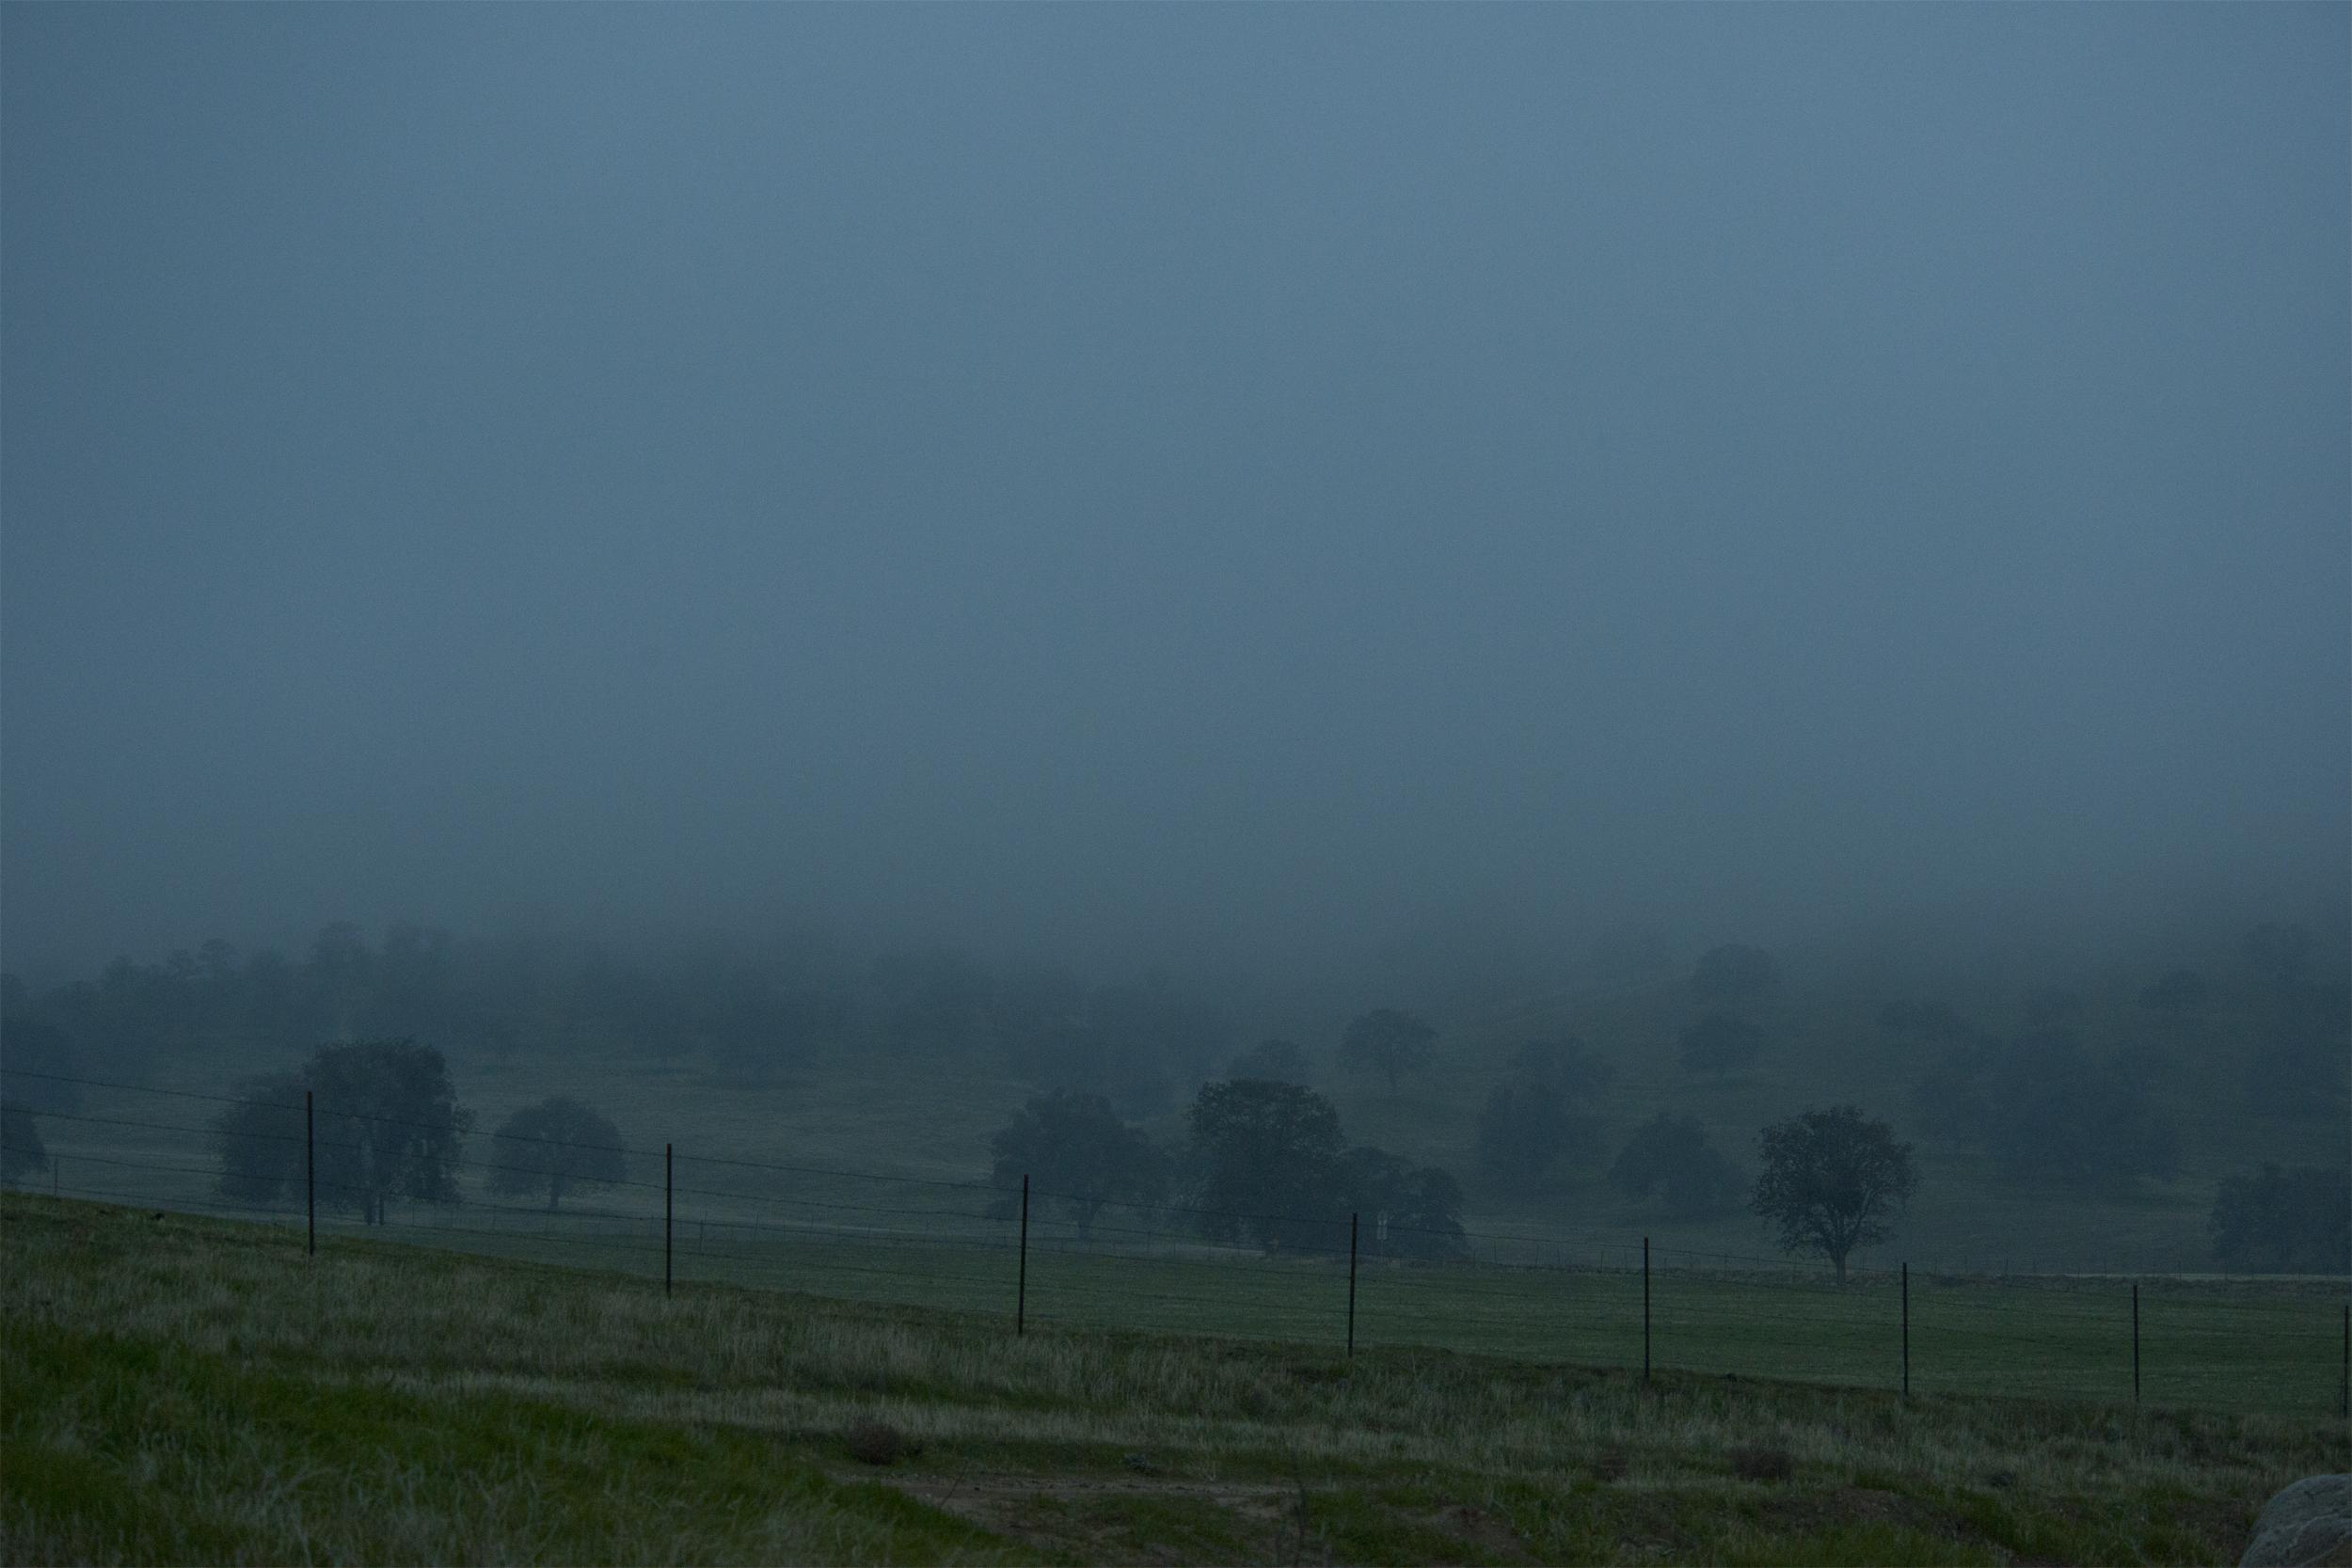 rolling hills and fog, tehatchapi web.jpg